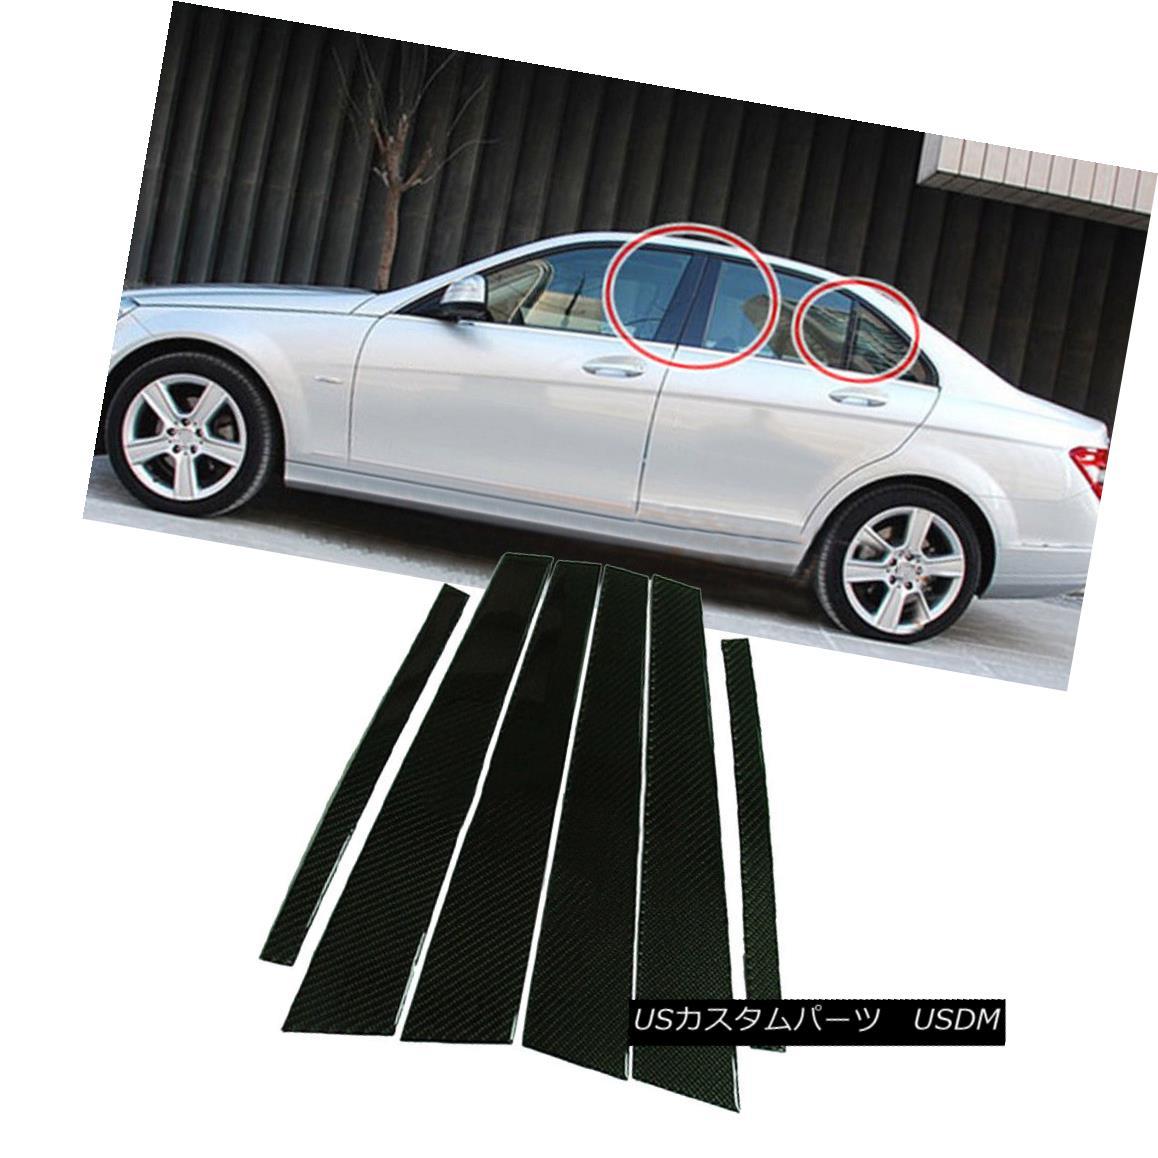 エアロパーツ 6pcs Carbon Fiber B Pillar Trim Fit For Mercedes Benz C-Class W204 C Class 08-15 メルセデスベンツCクラスW204 Cクラスのための6本の炭素繊維Bピラートリムフィット